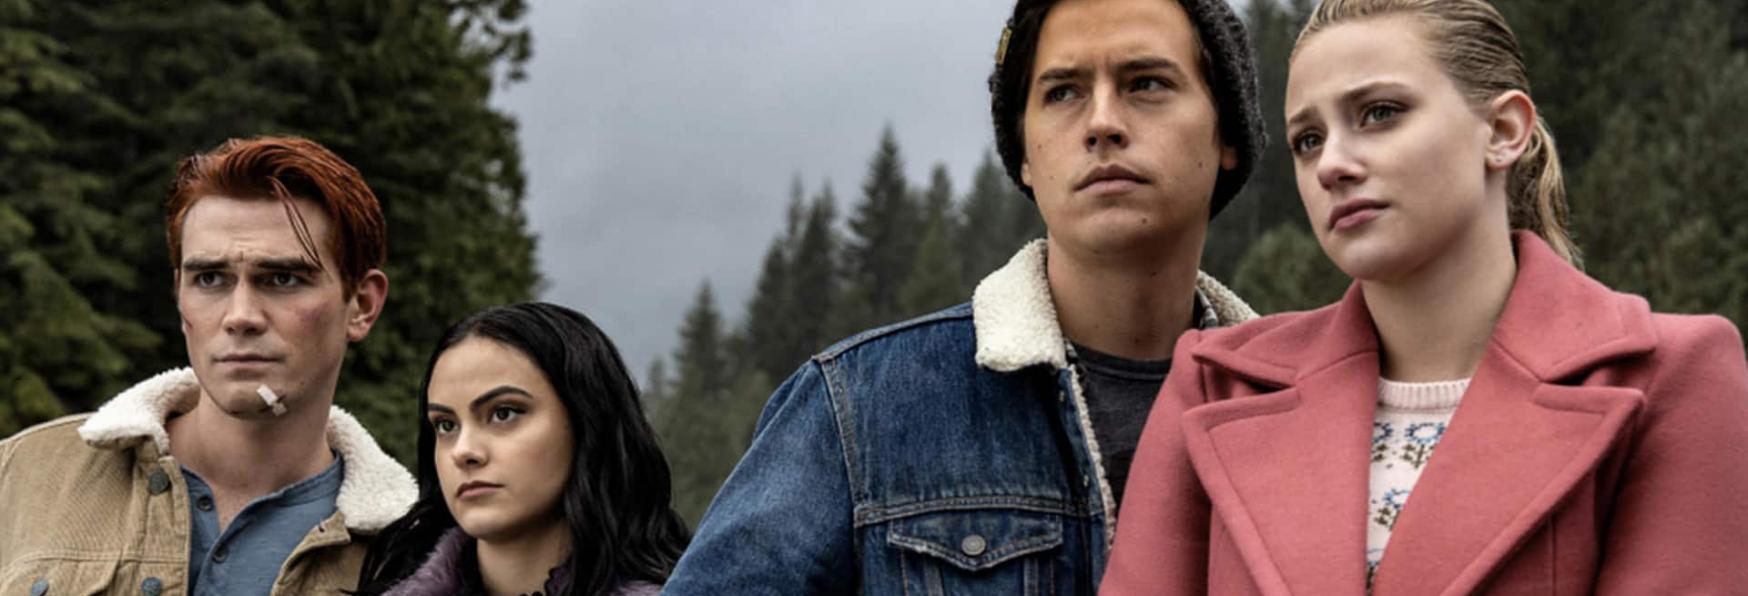 Riverdale 5: Trama, Cast, Trailer e Data della nuova Stagione della Serie targata The CW